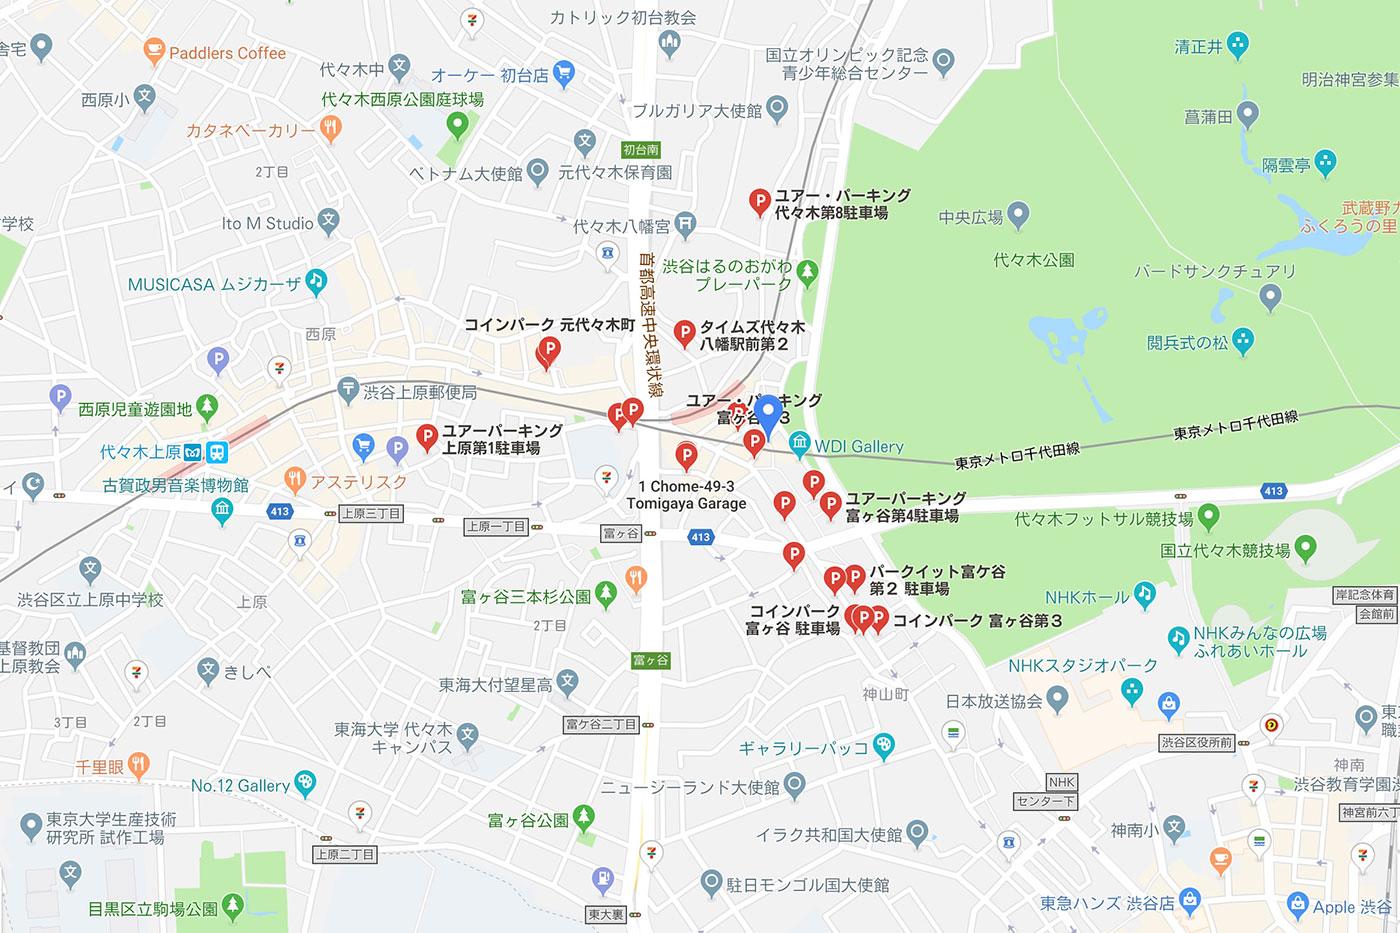 代々木八幡駅のコインパーキングマップ